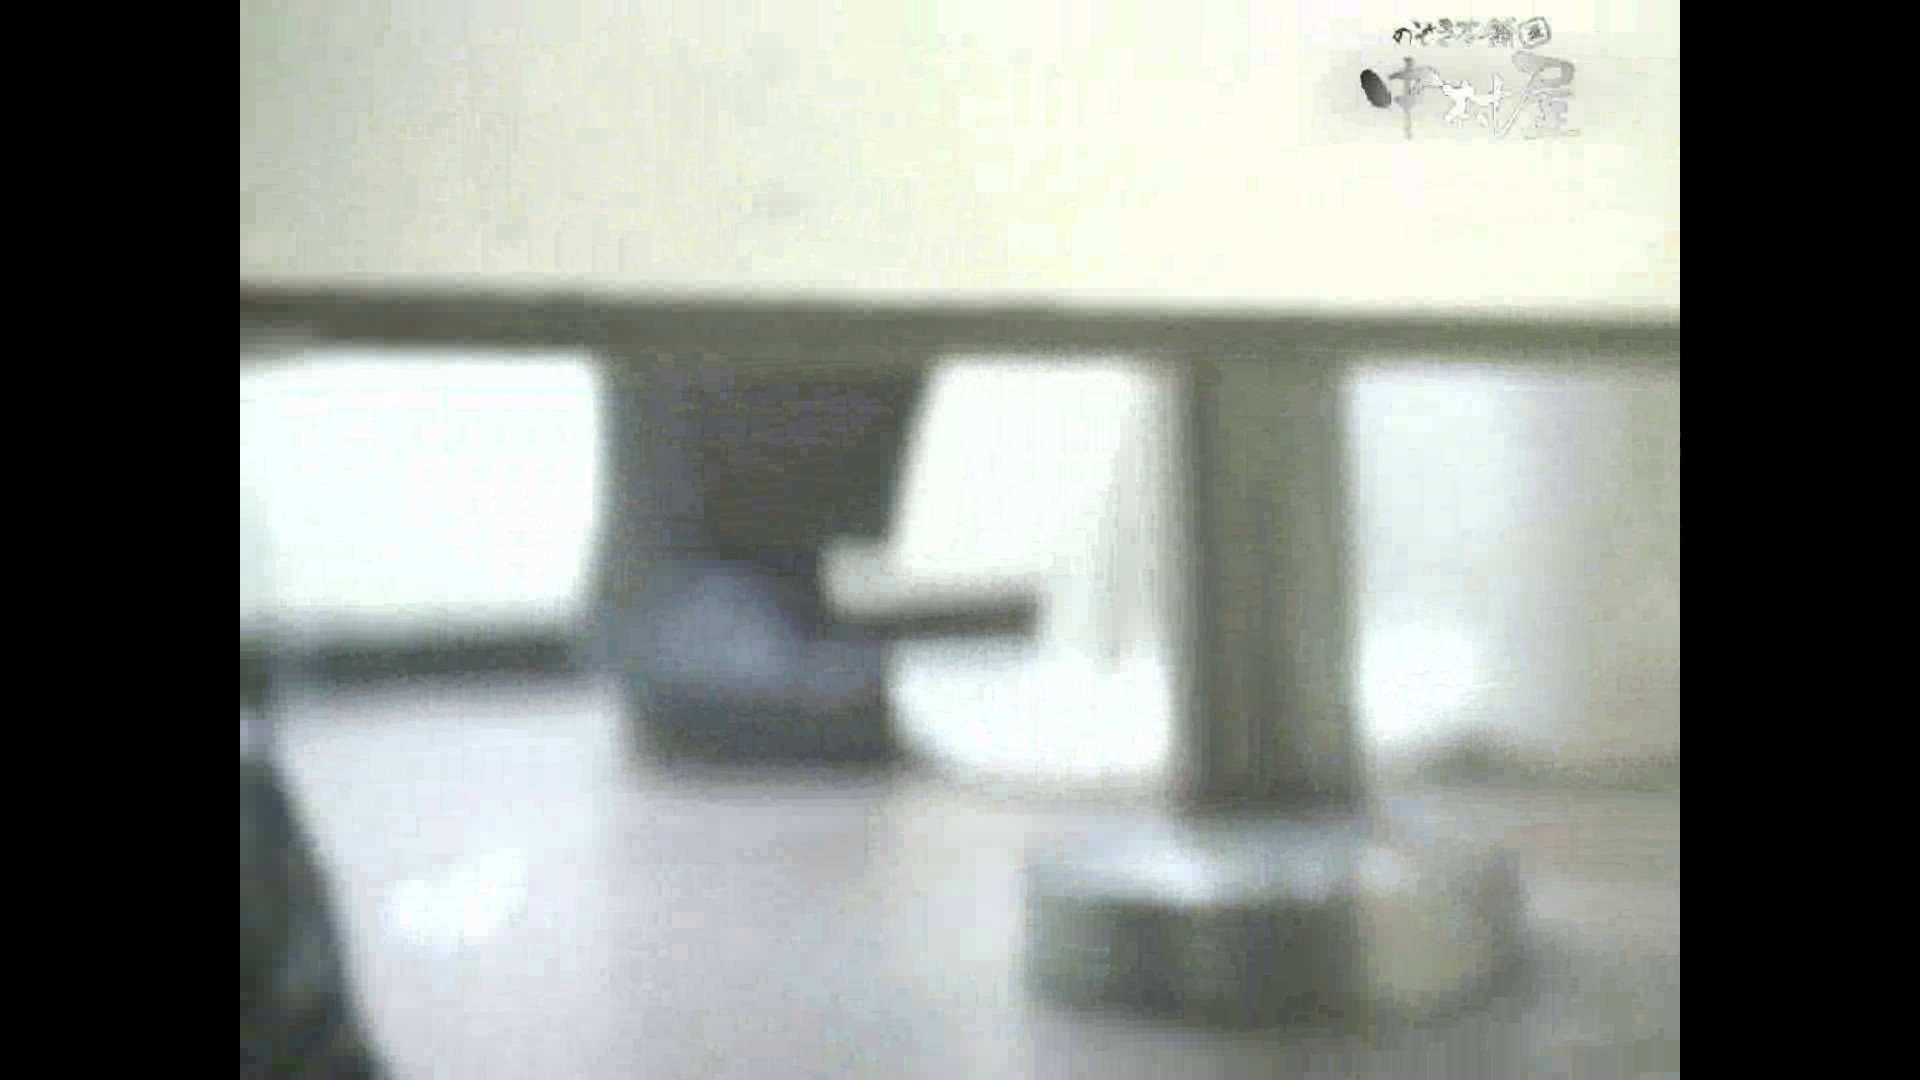 岩手県在住盗撮師盗撮記録vol.27 エロいOL AV無料動画キャプチャ 95枚